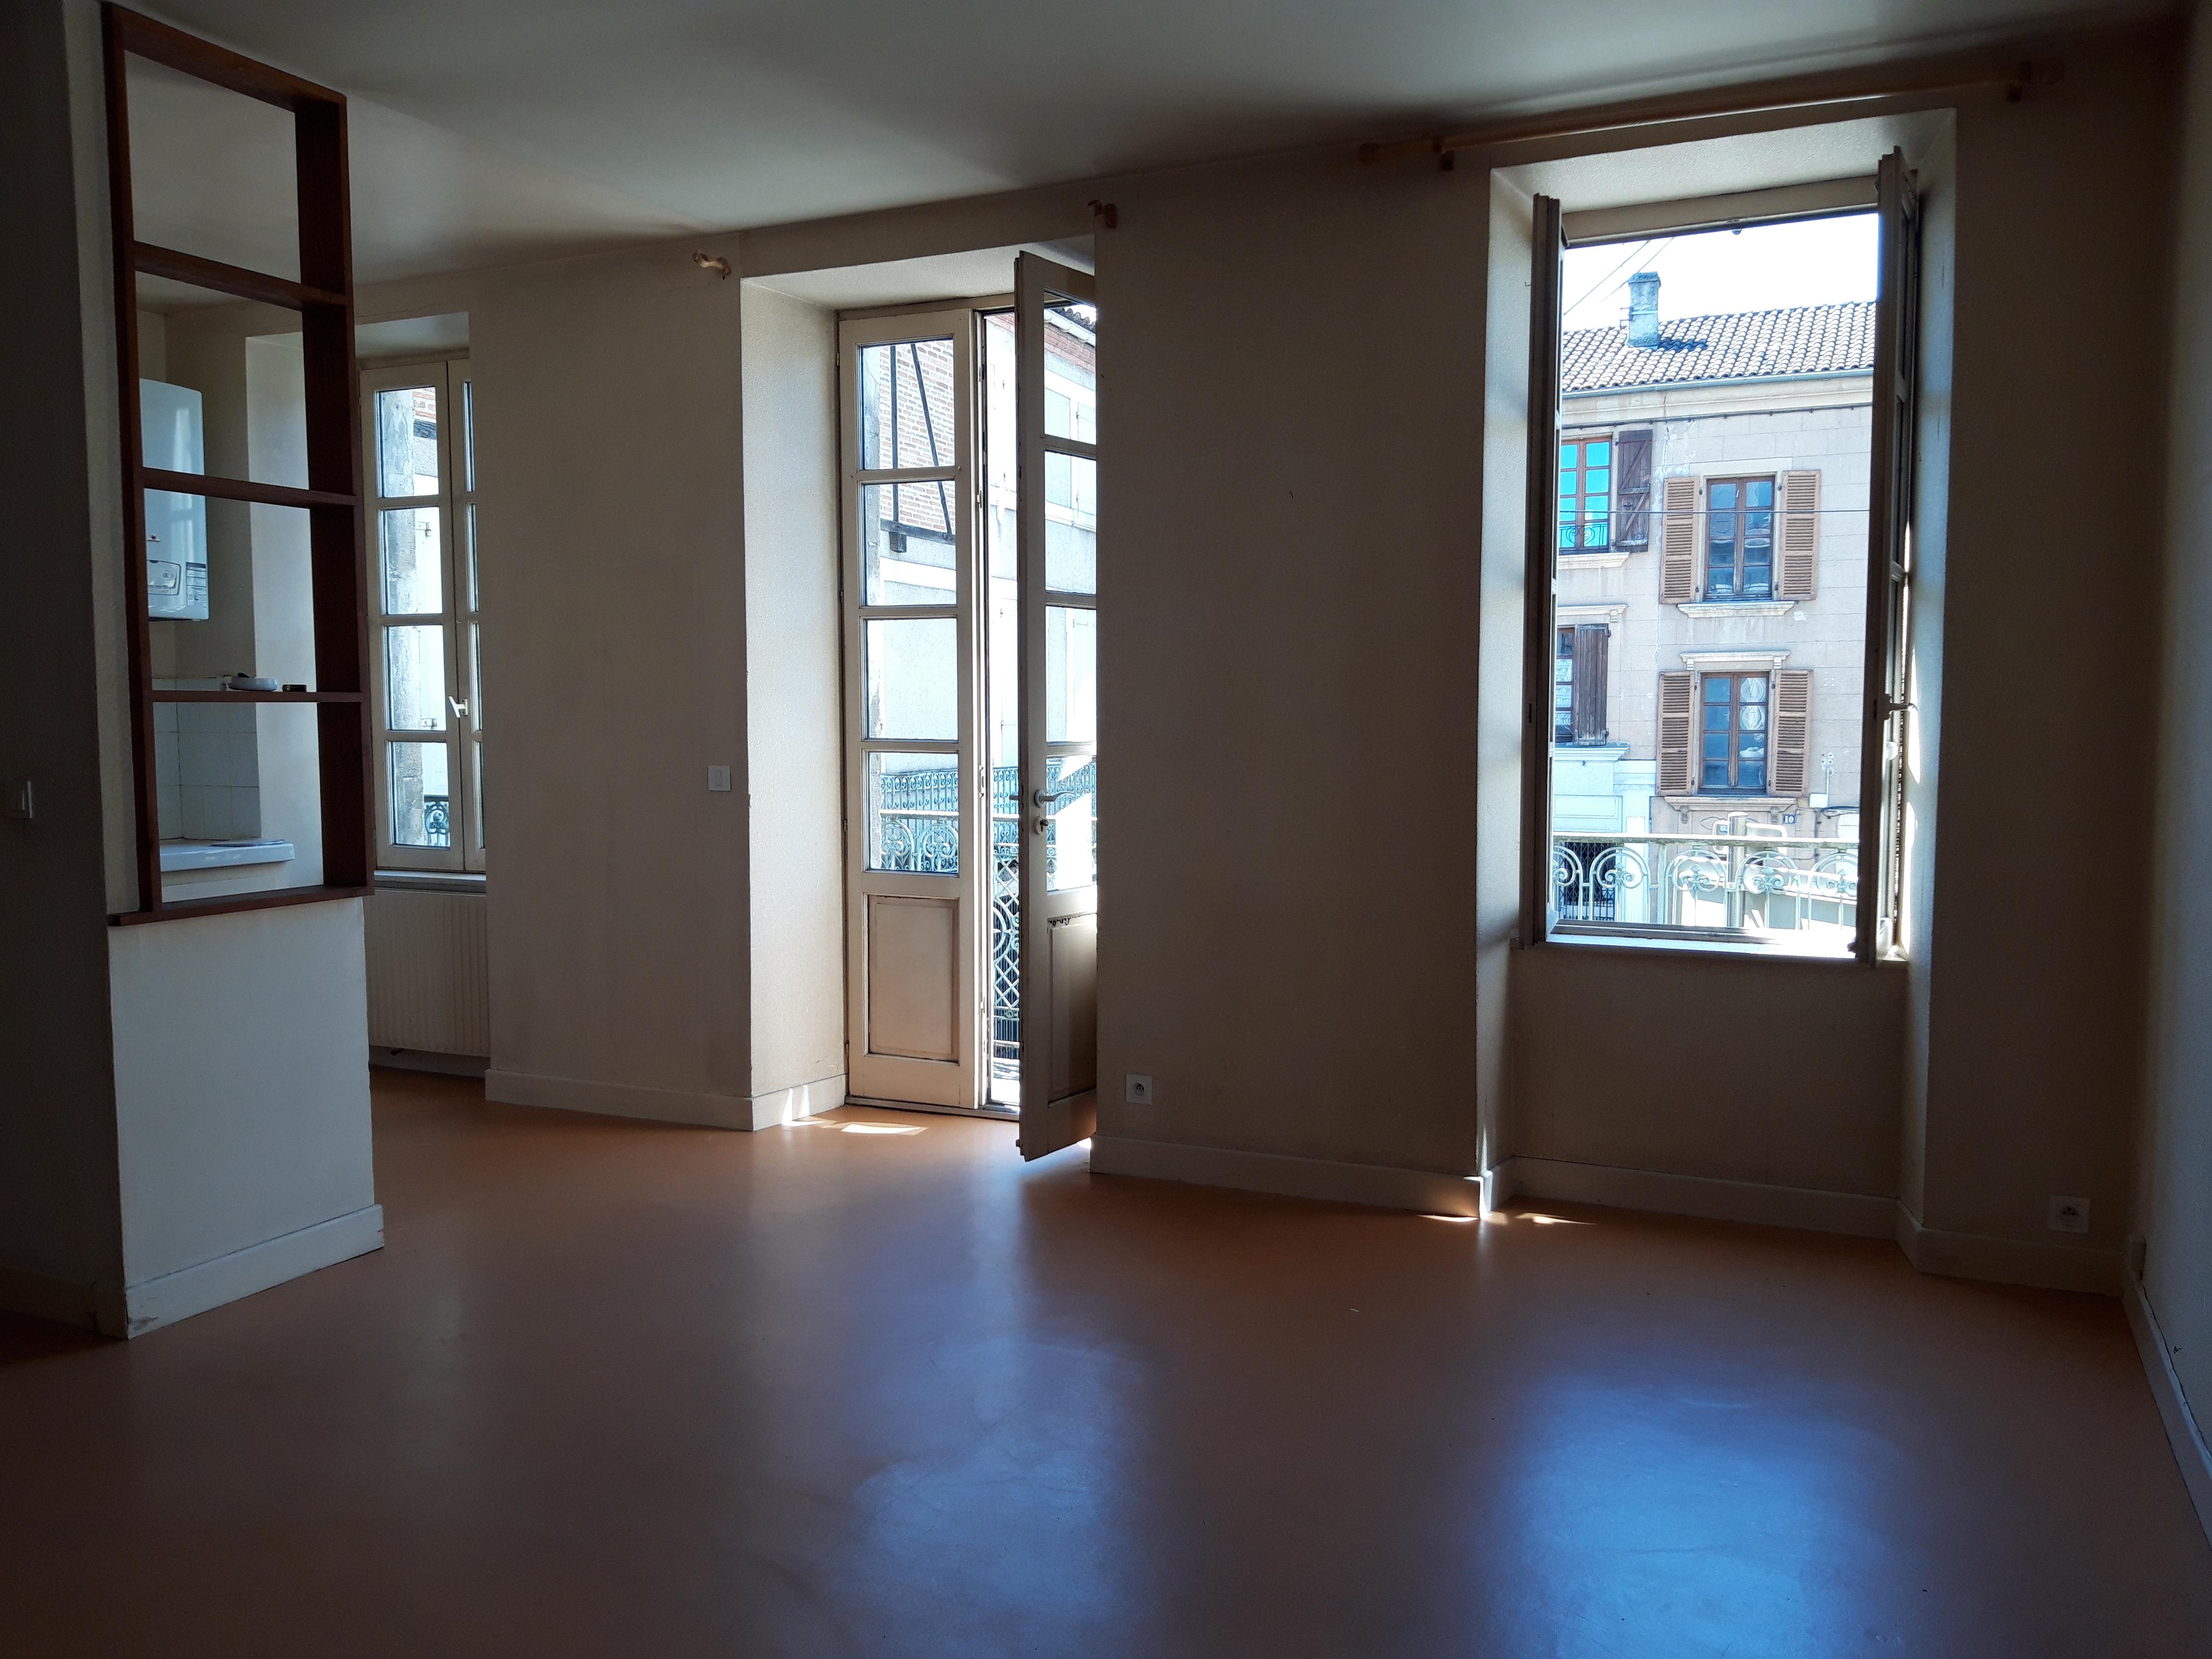 Appartement T2 avec balcon à vendre à FIGEAC